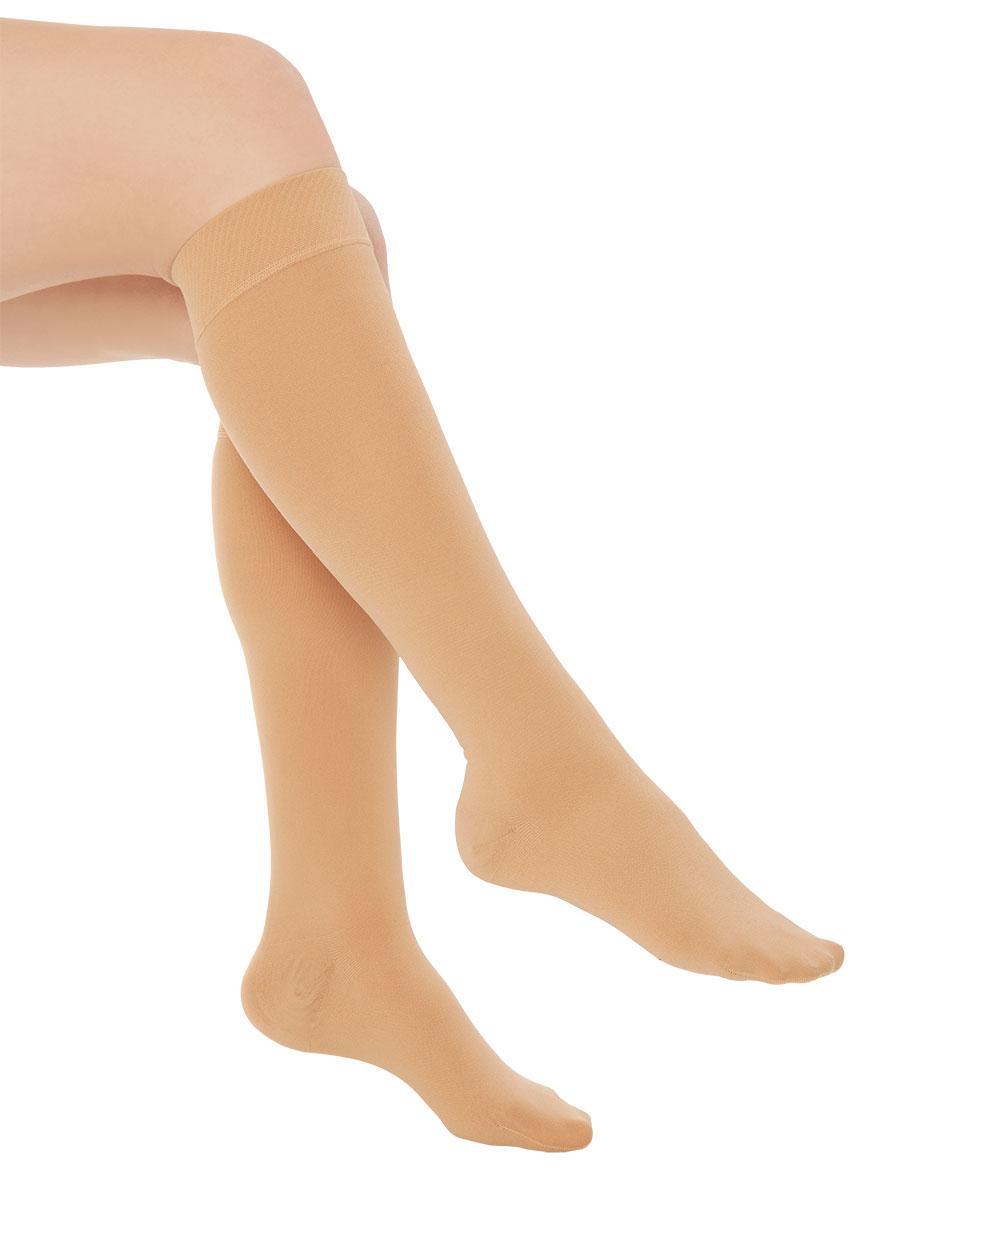 Панчохи антиварикозні 2 класу компресії Variteks до колін із закритим носком